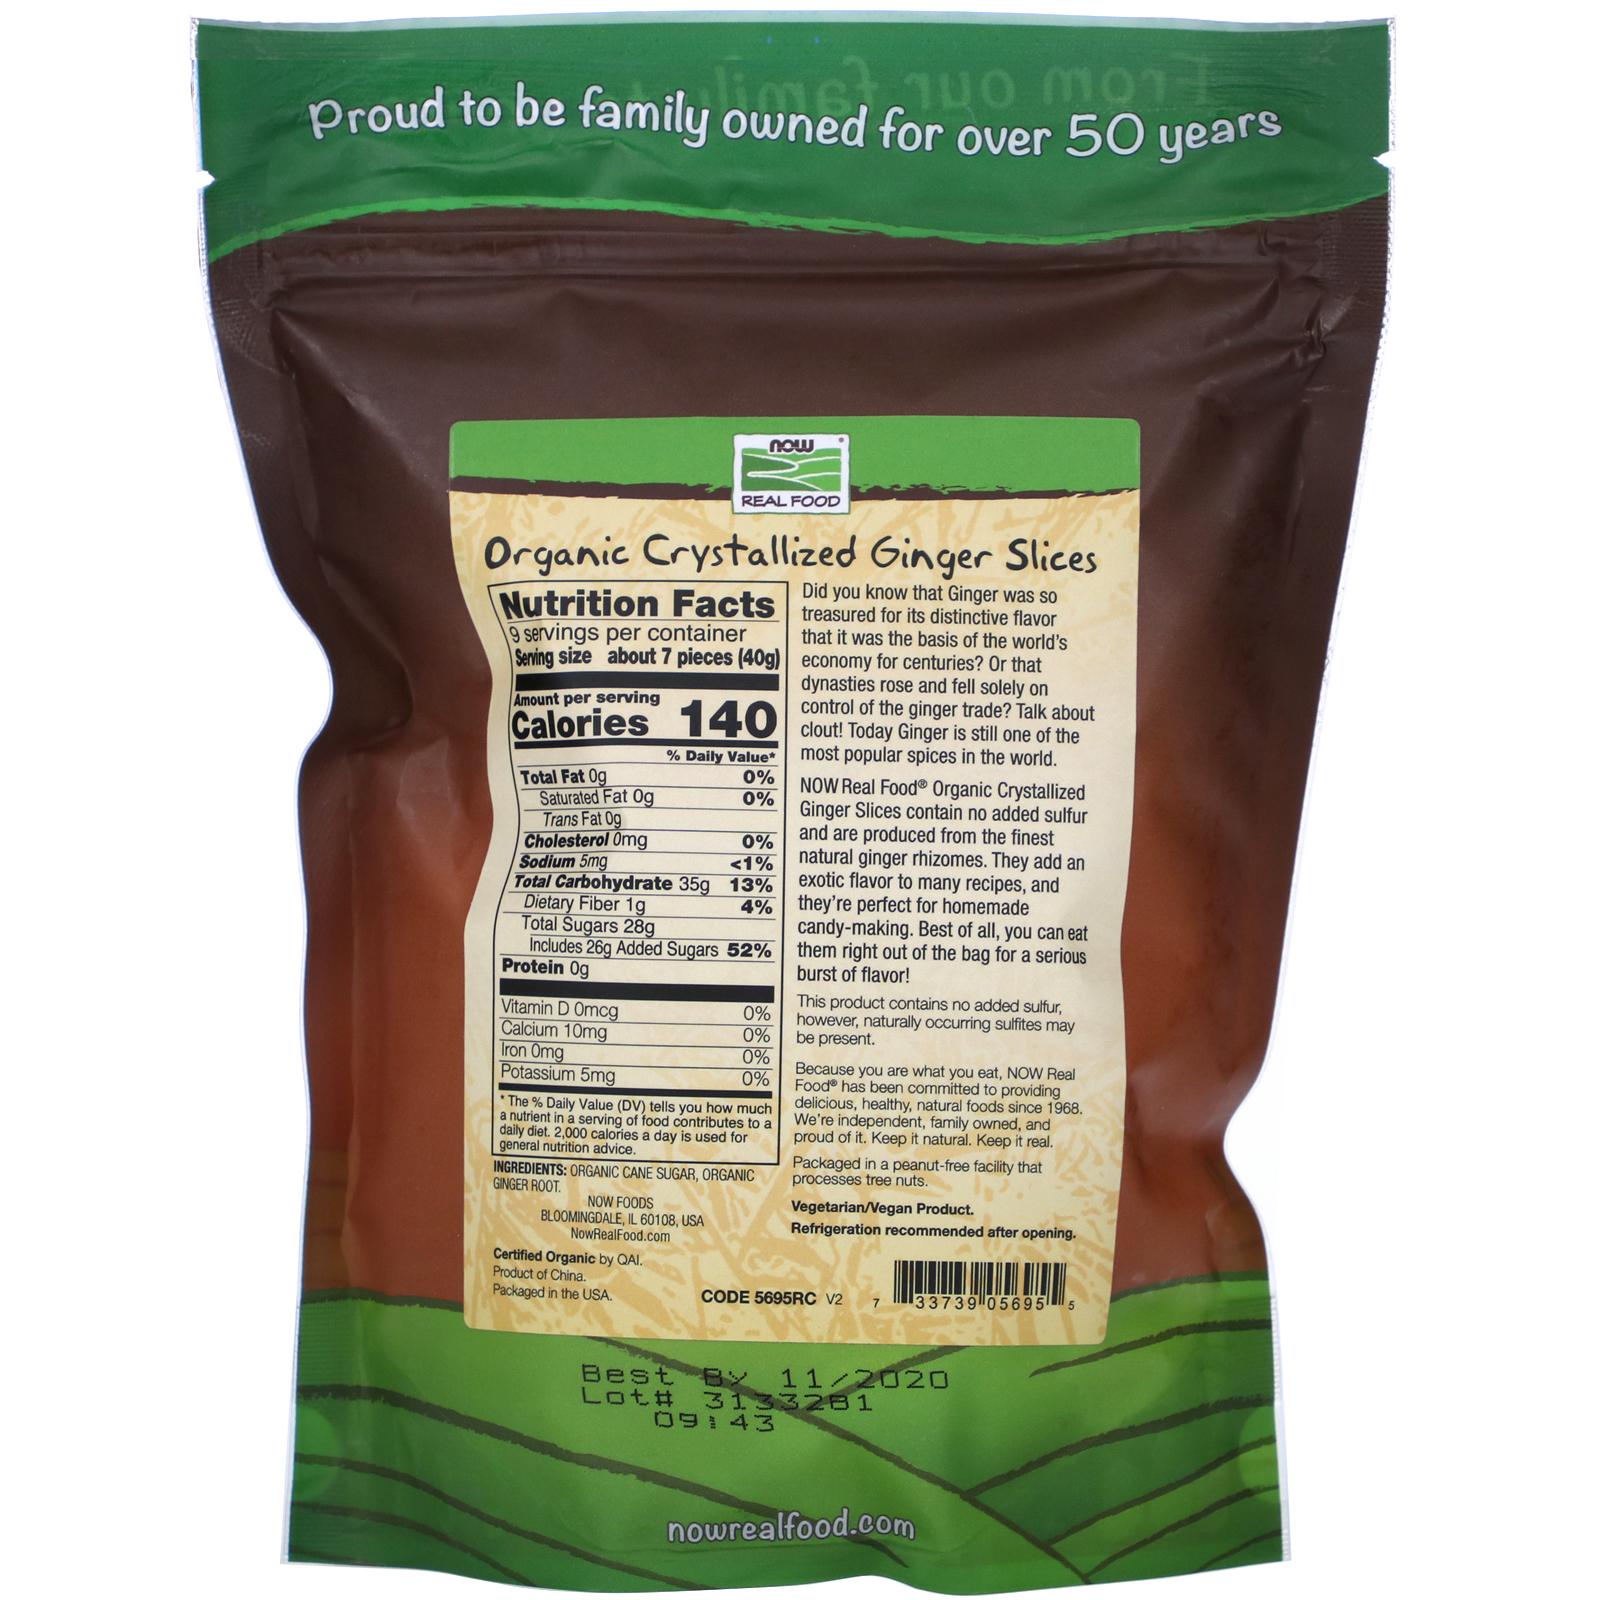 Organic Crystallized Ginger Slices